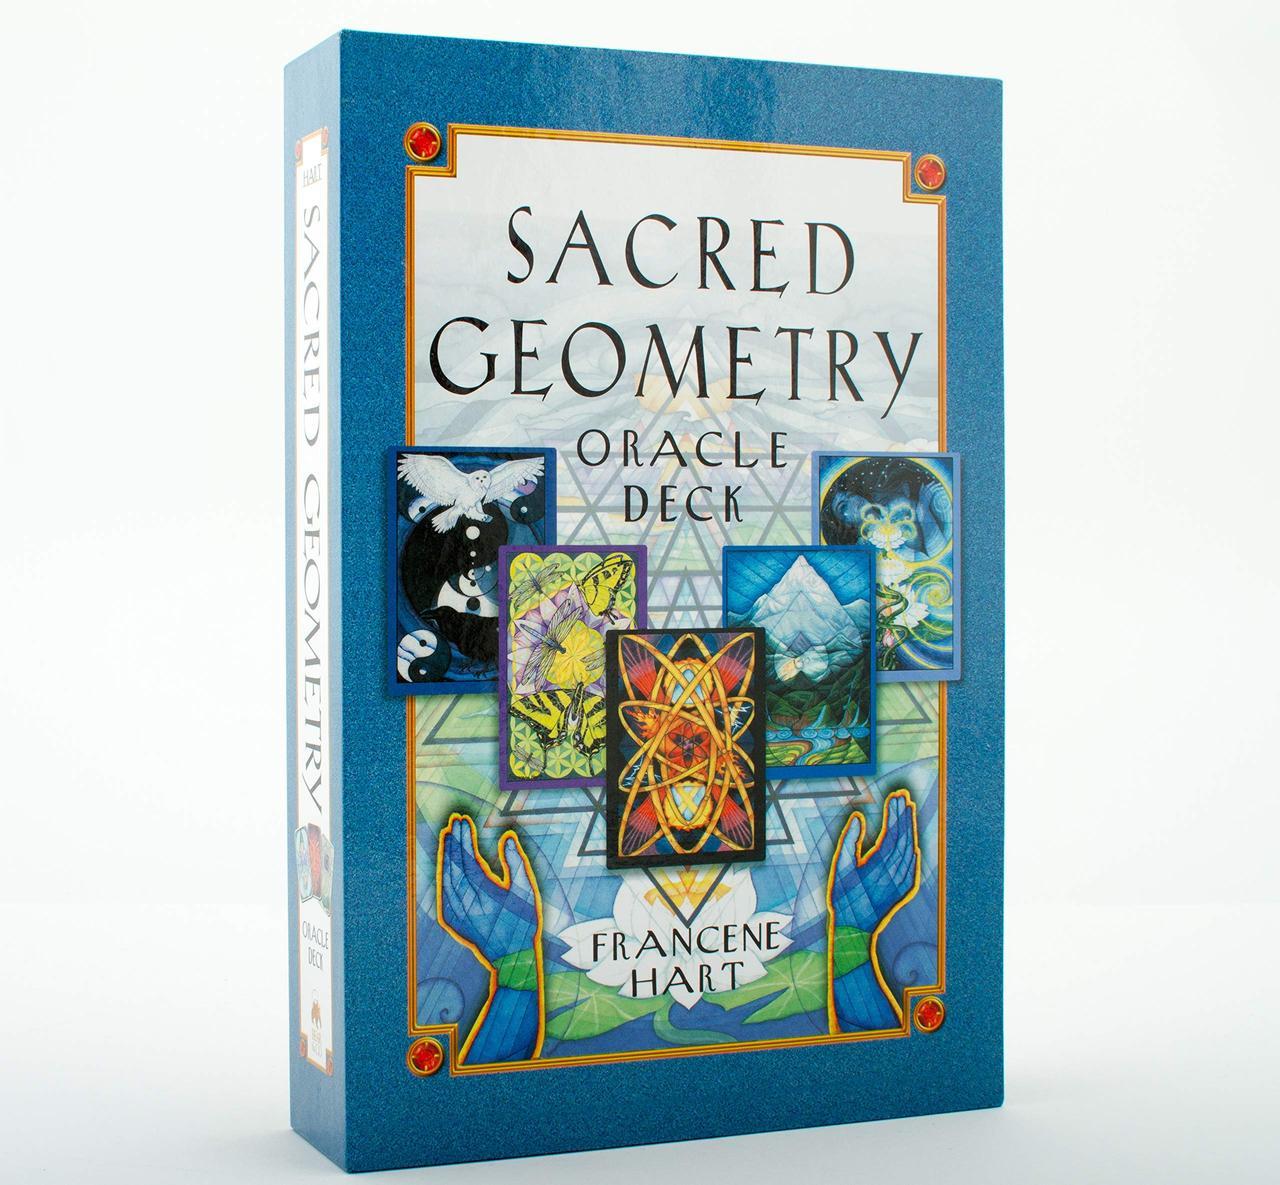 Sacred Geometry Oracle Deck